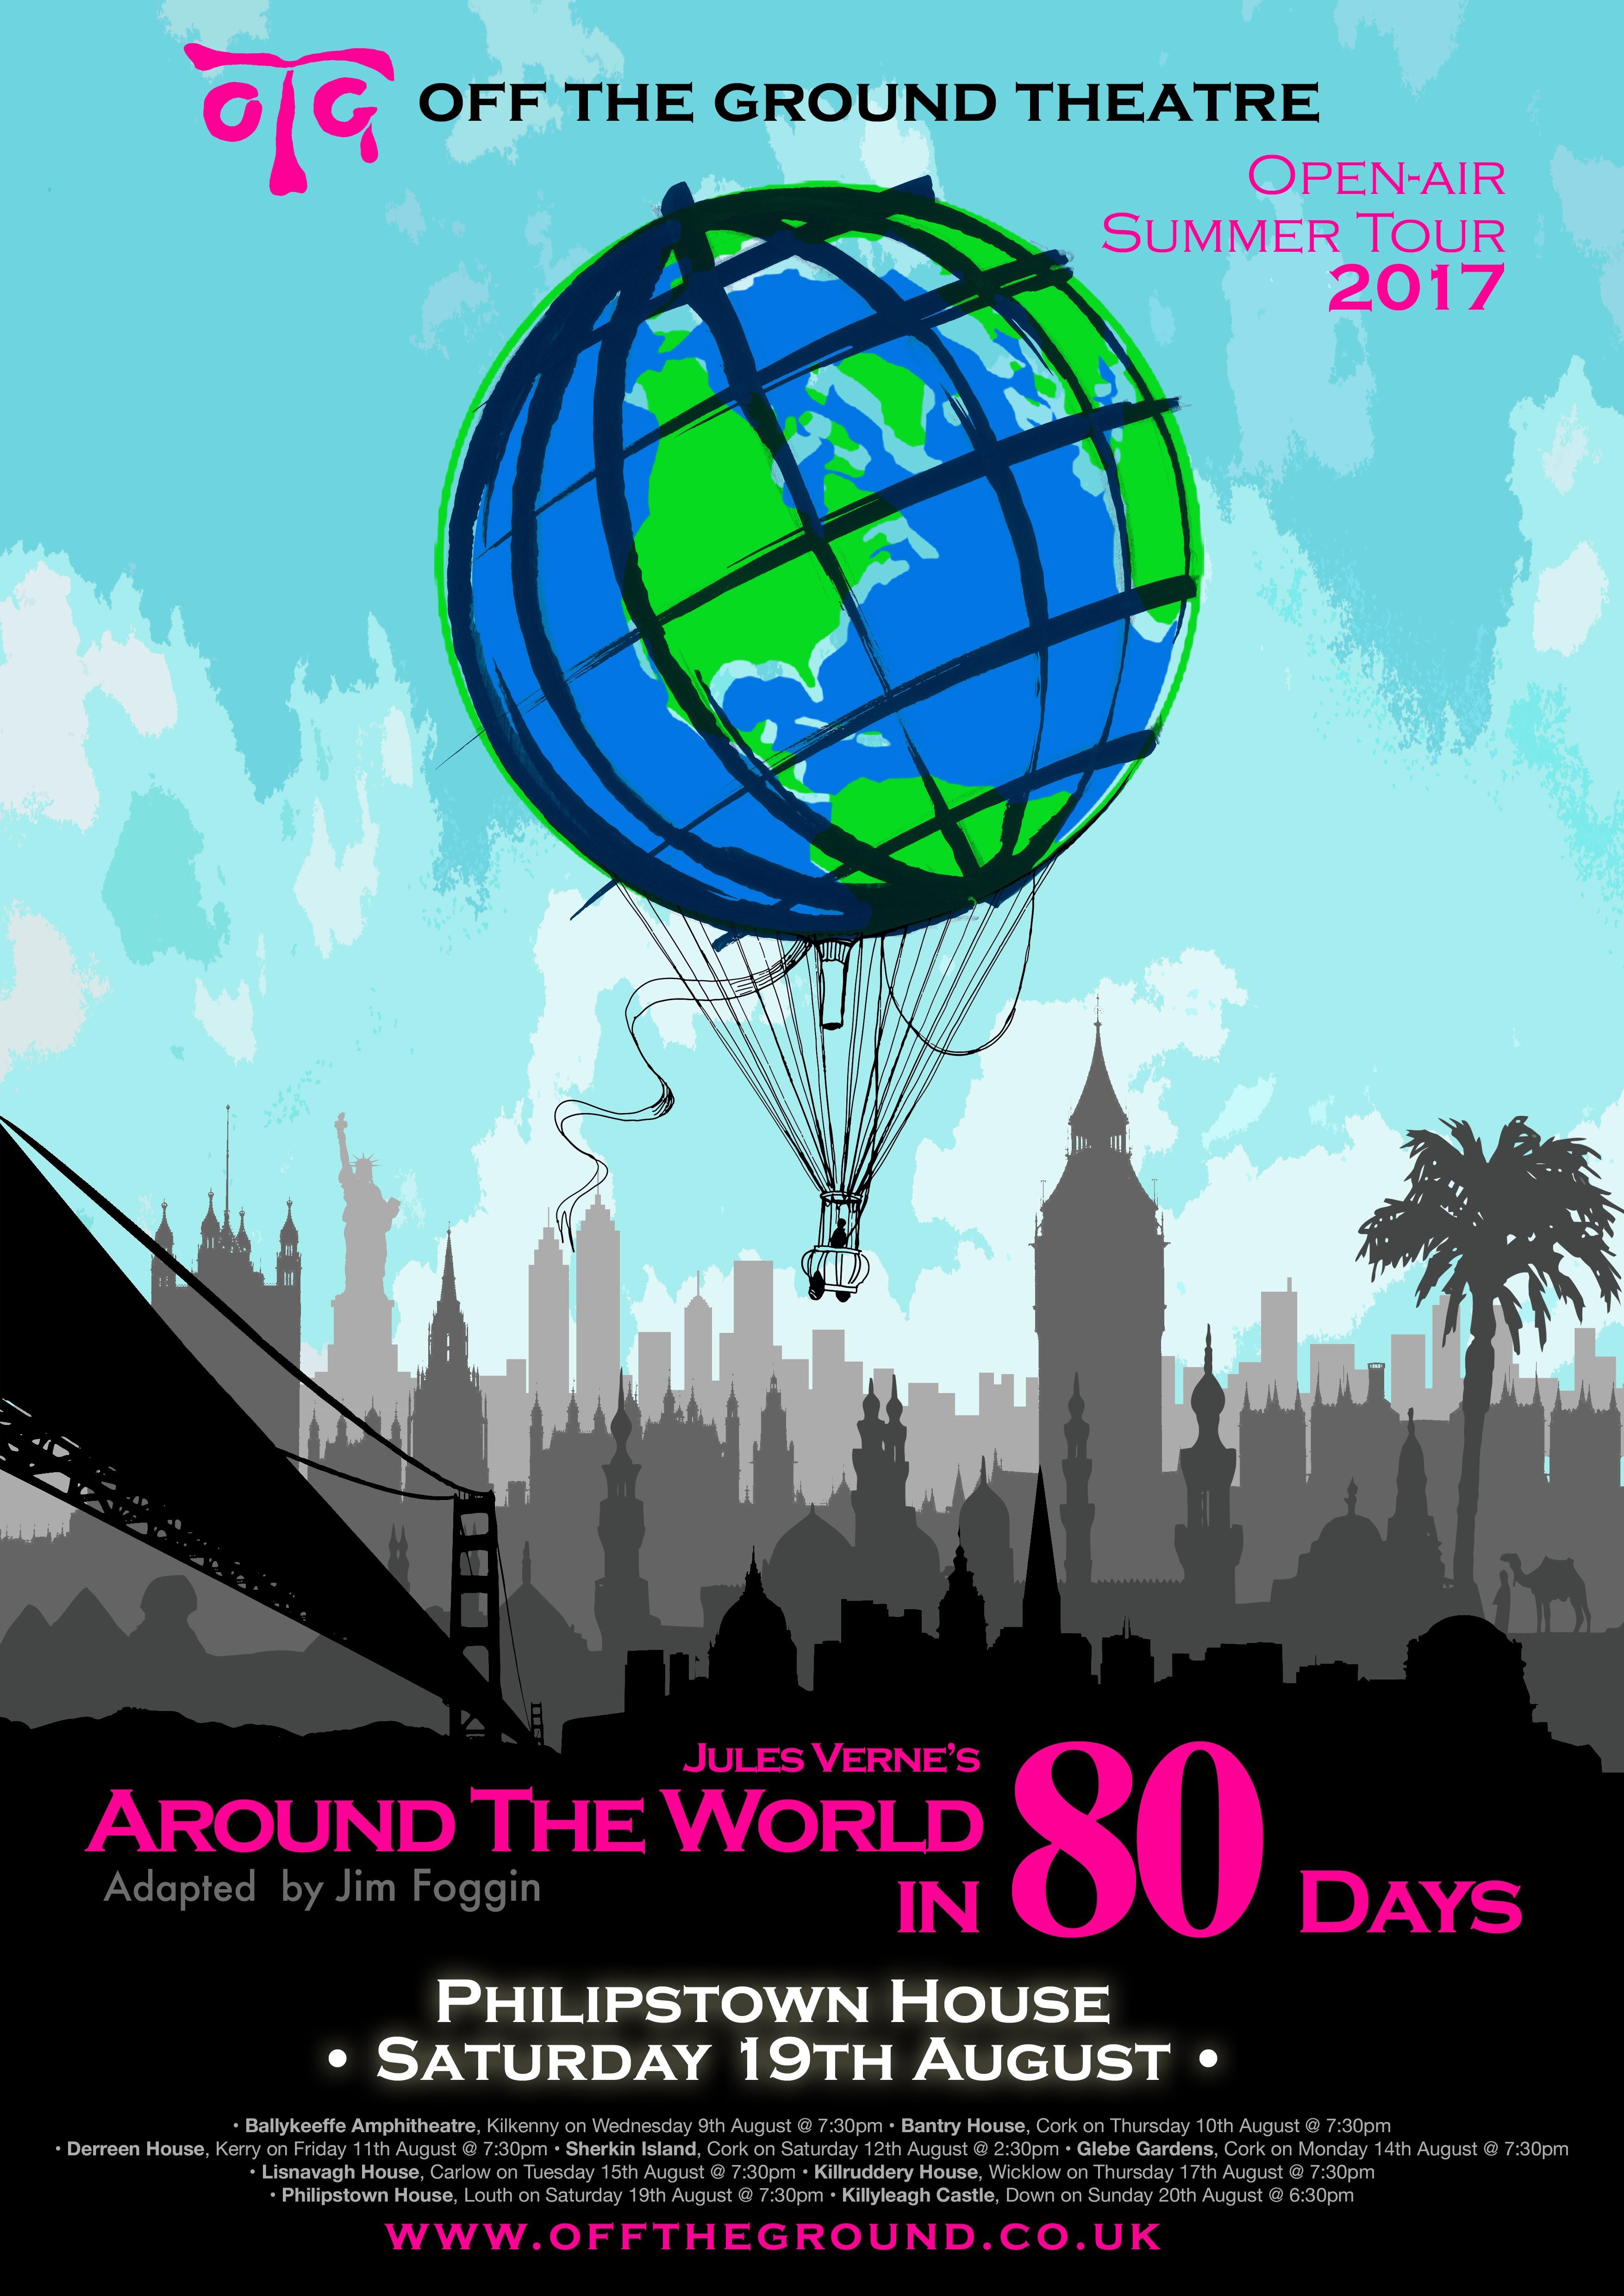 Philipstown House Around the World in 80 Days